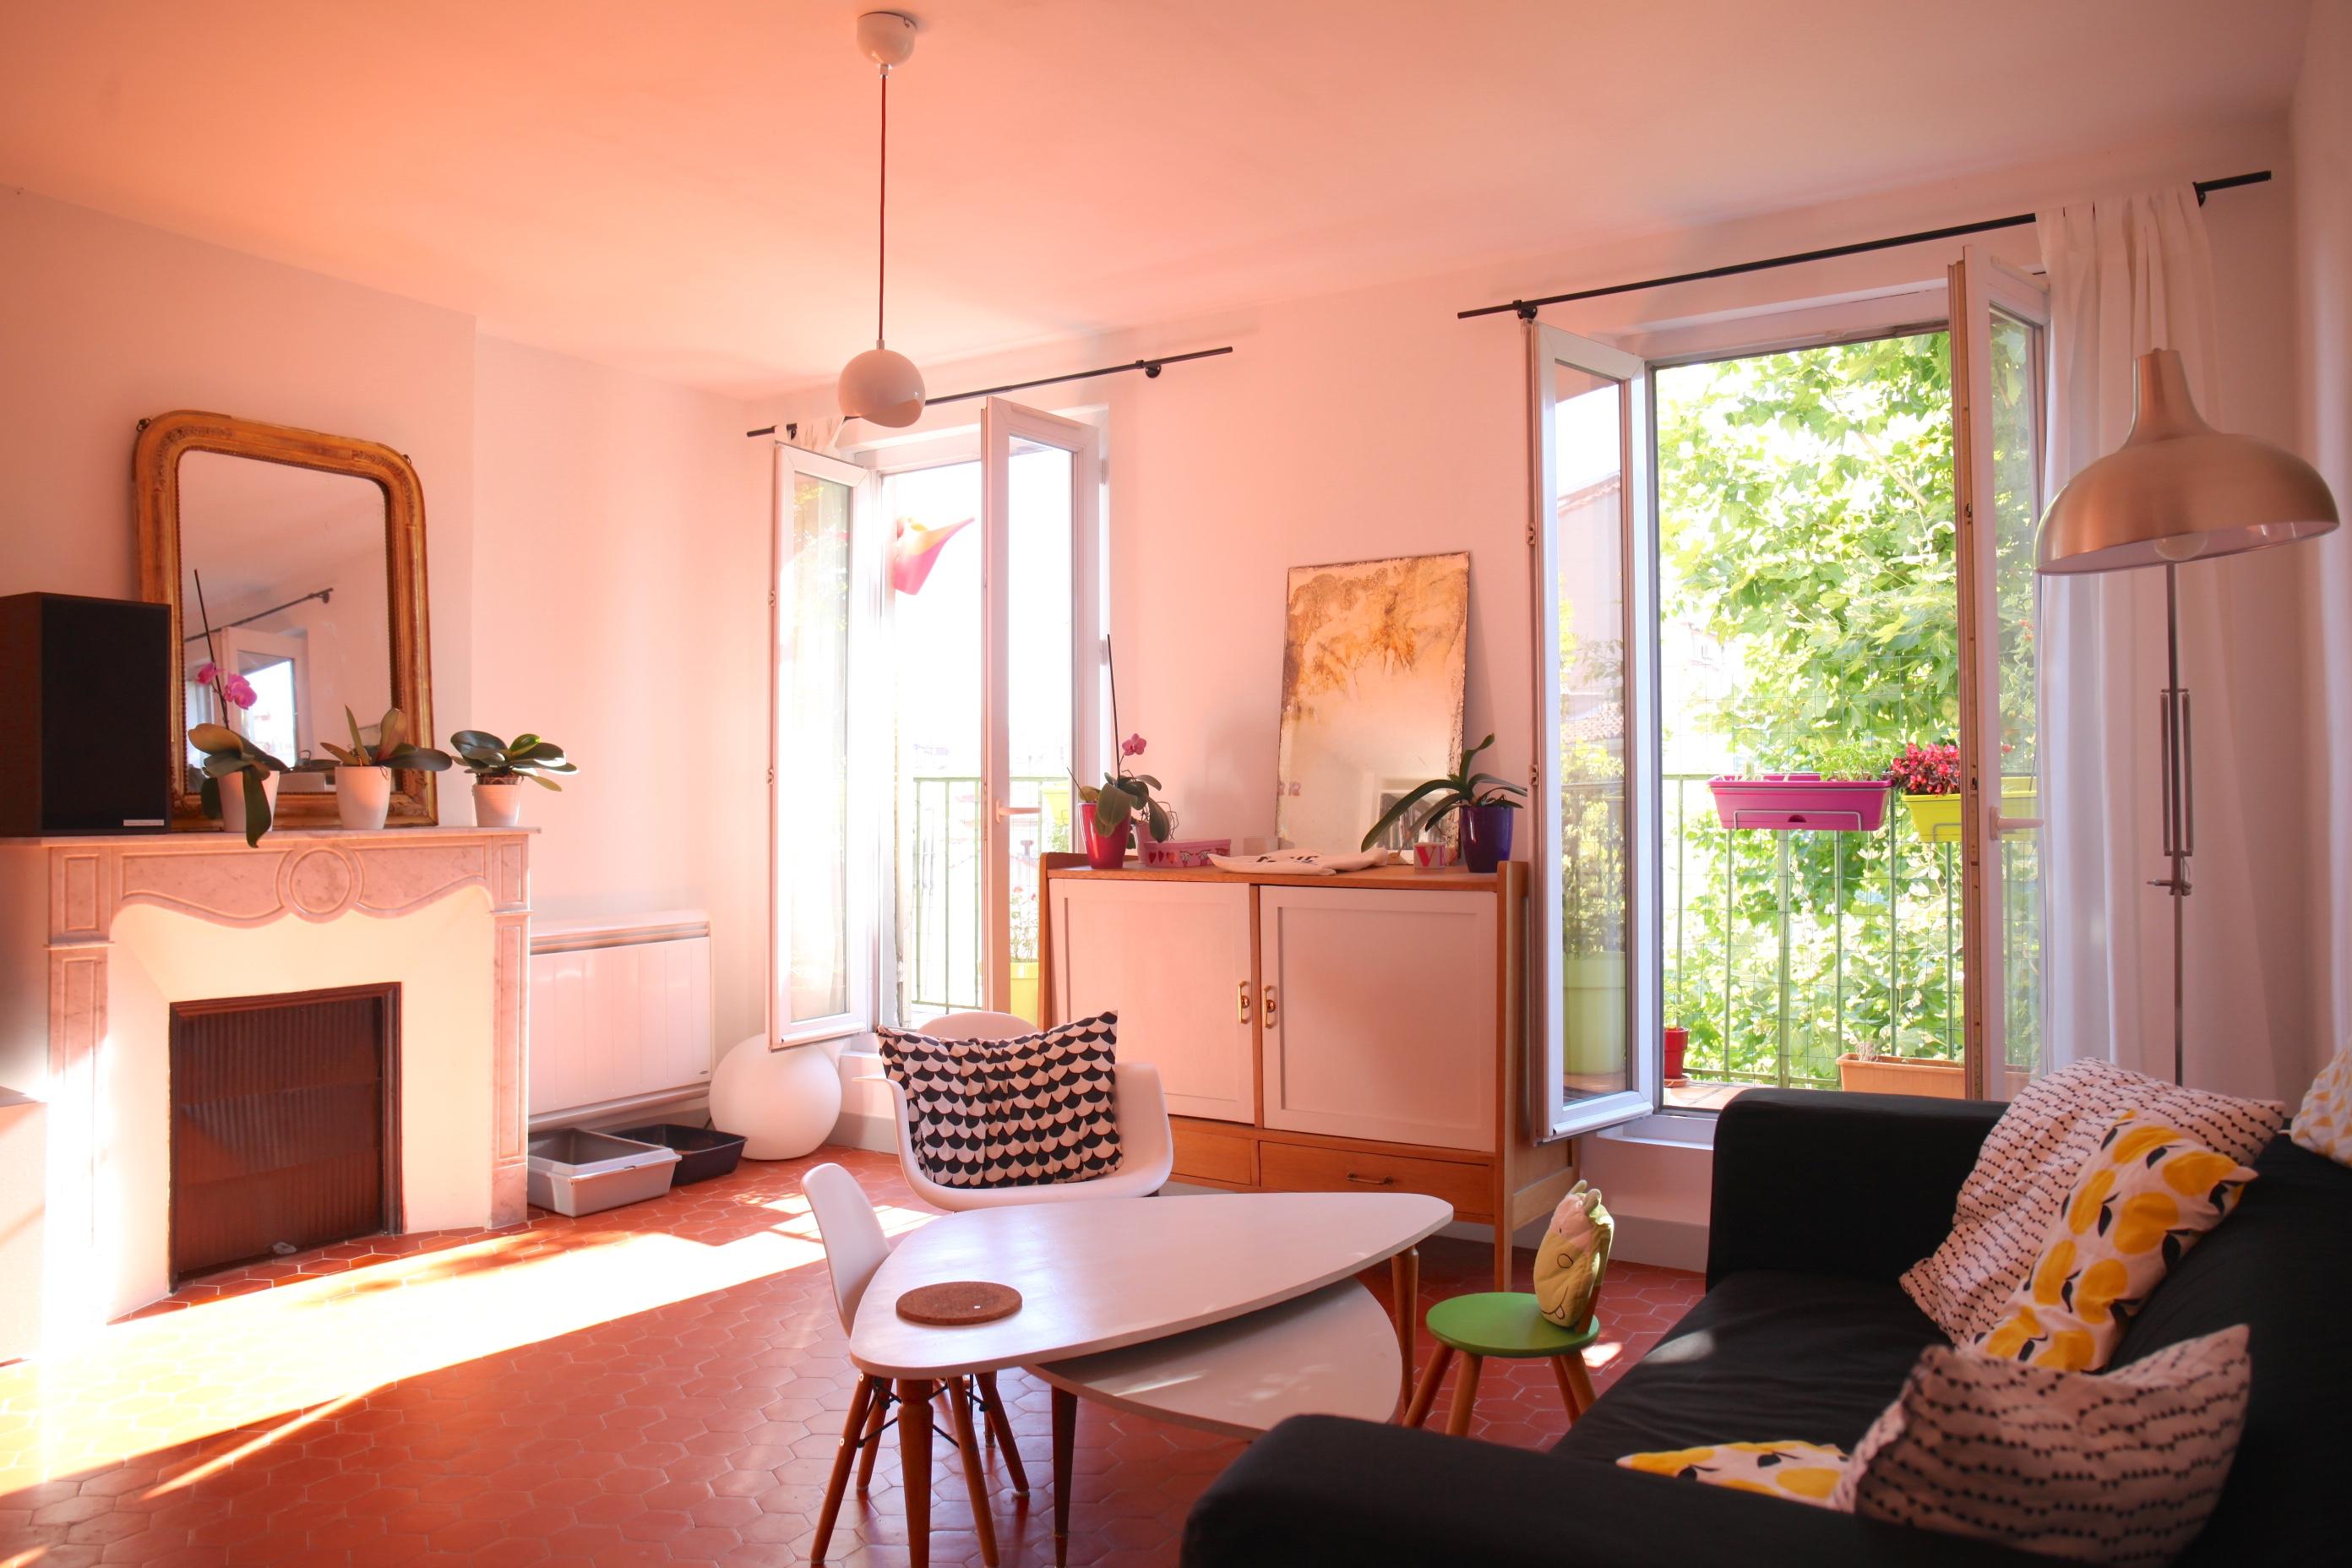 SOUS COMPROMIS - Bd E.Pierre - T4 en dernier étage avec balcon & vue - 245 000 €